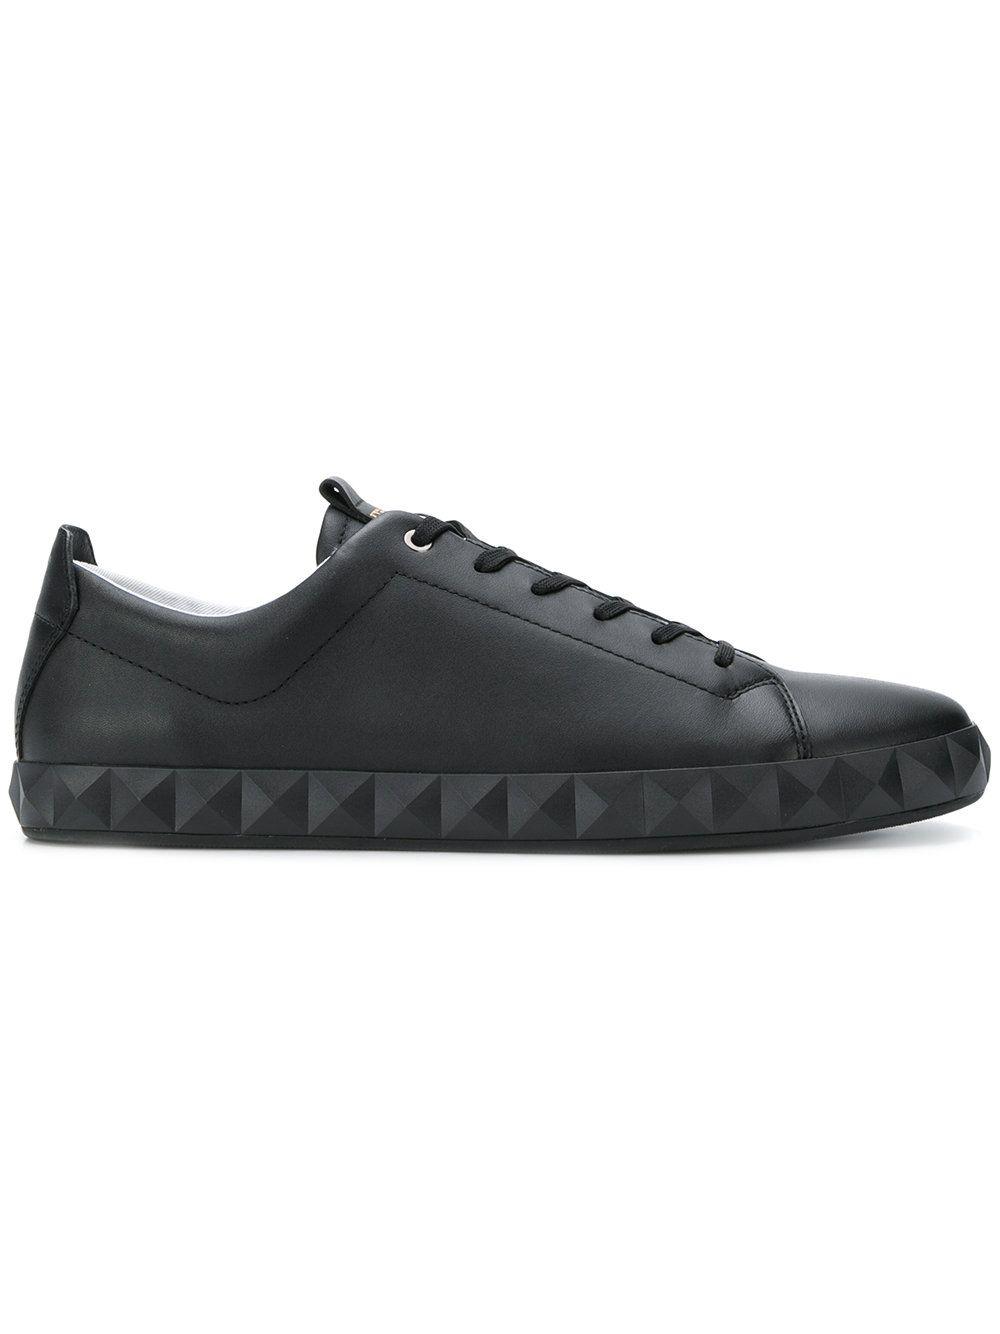 geometric sole lace-up sneakers - Black Emporio Armani pzA0USNTe